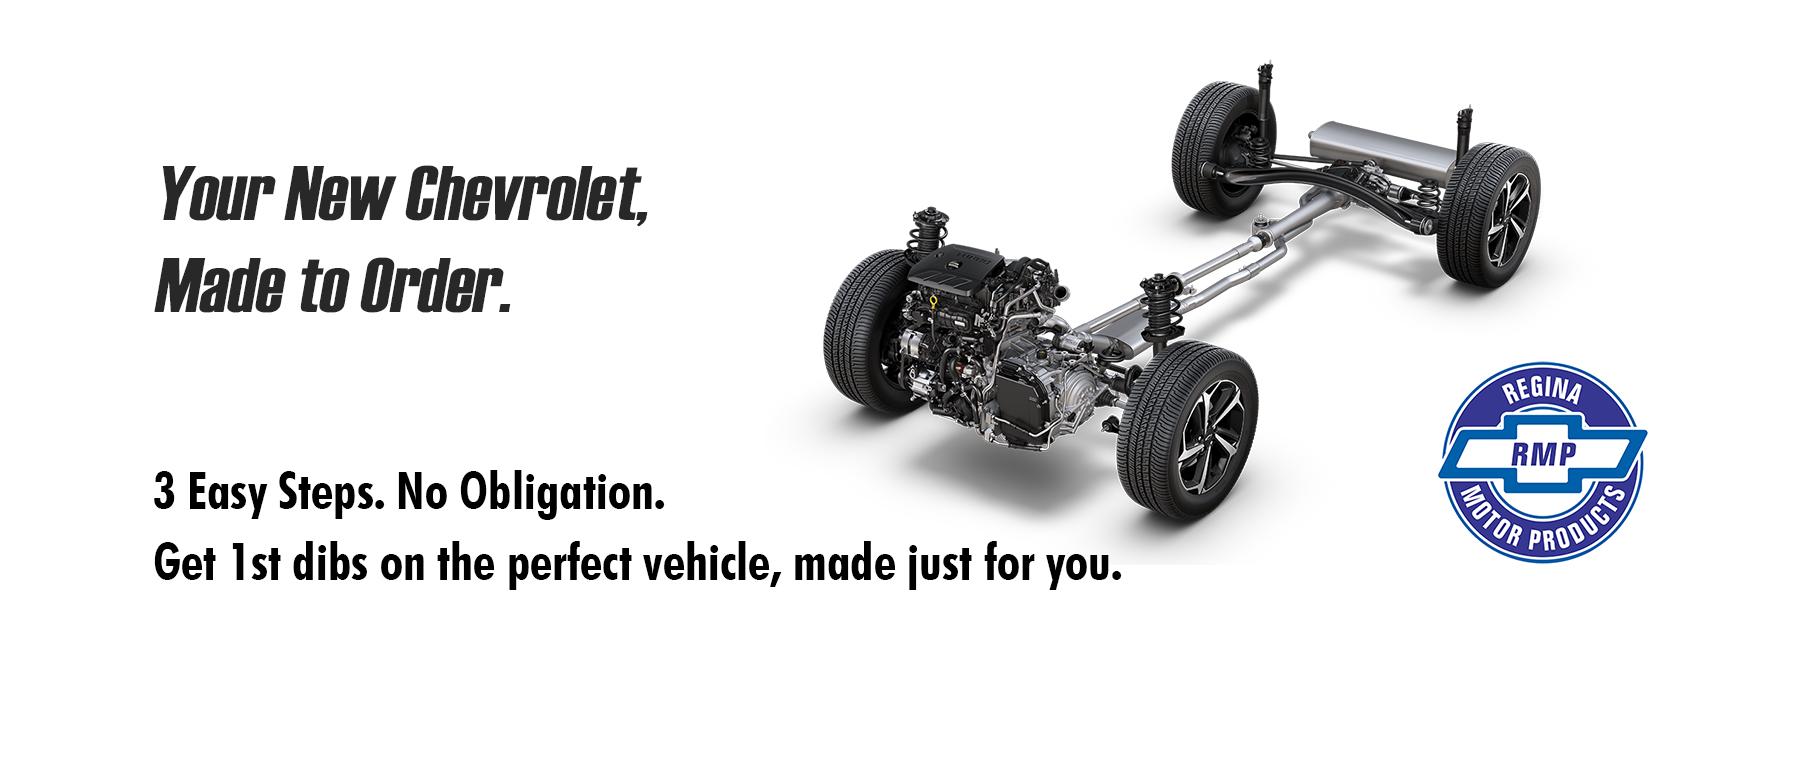 Custom Order your New Chevrolet